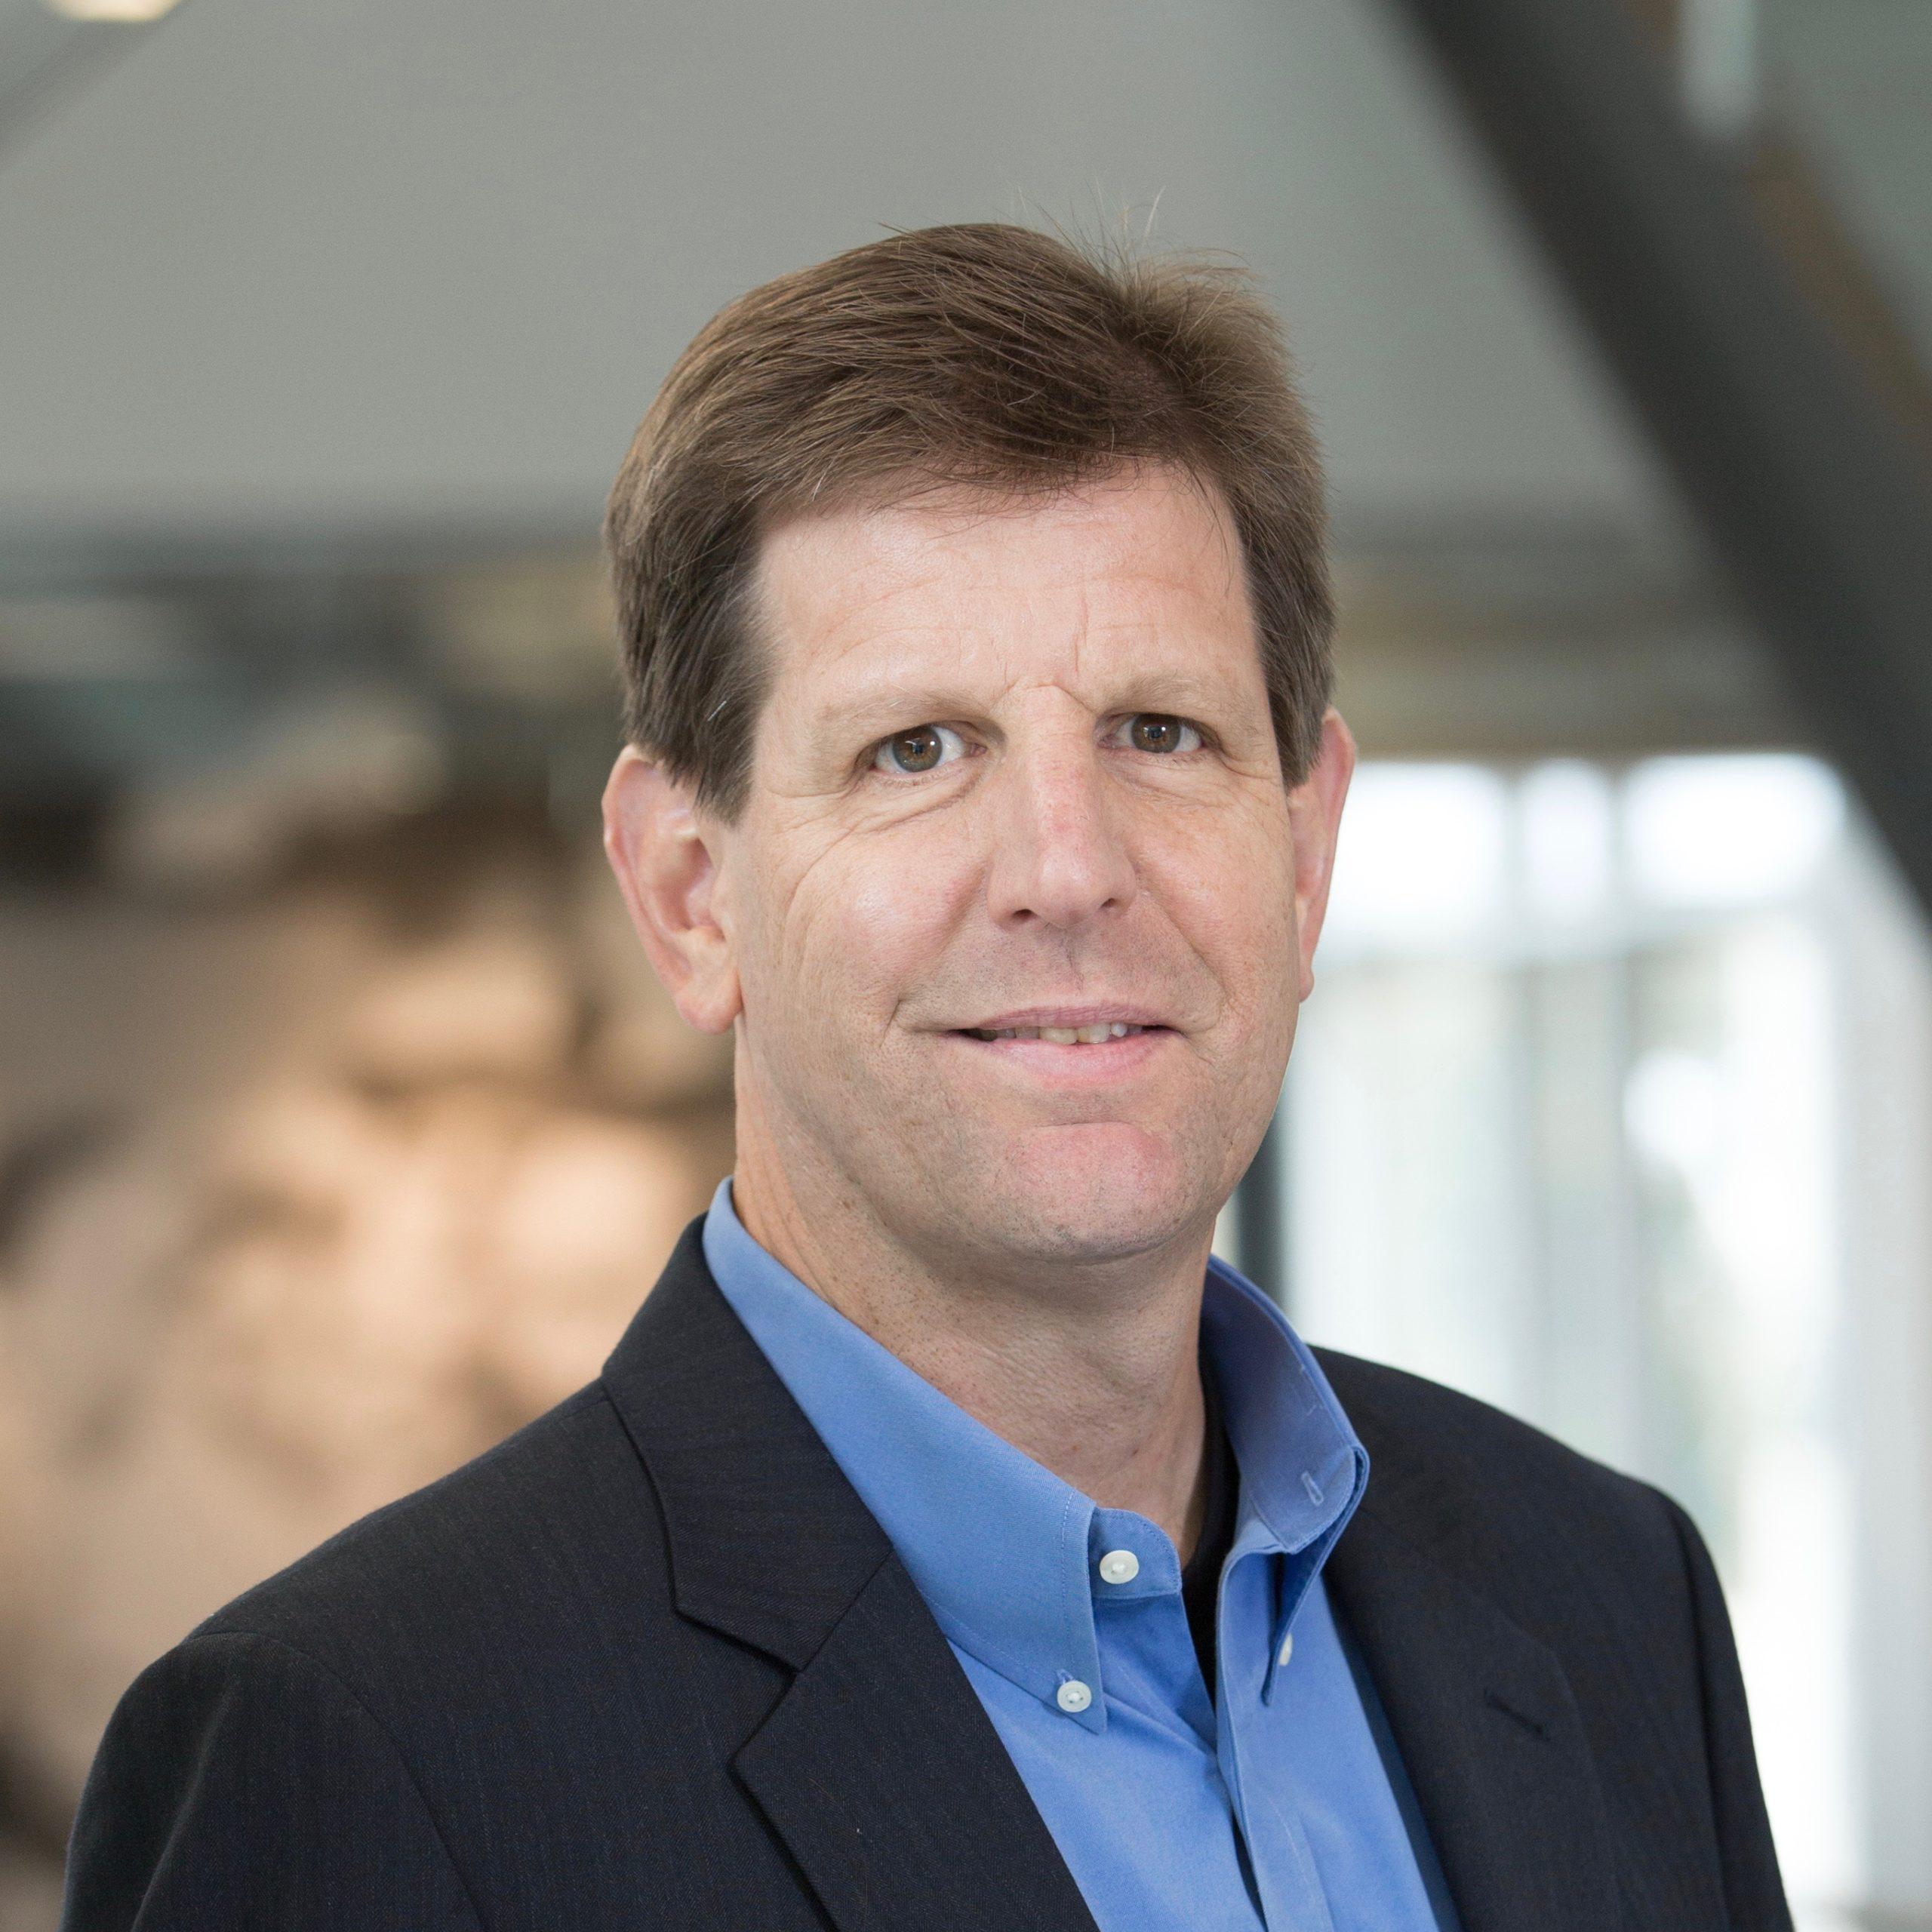 Dr. Edward Miech